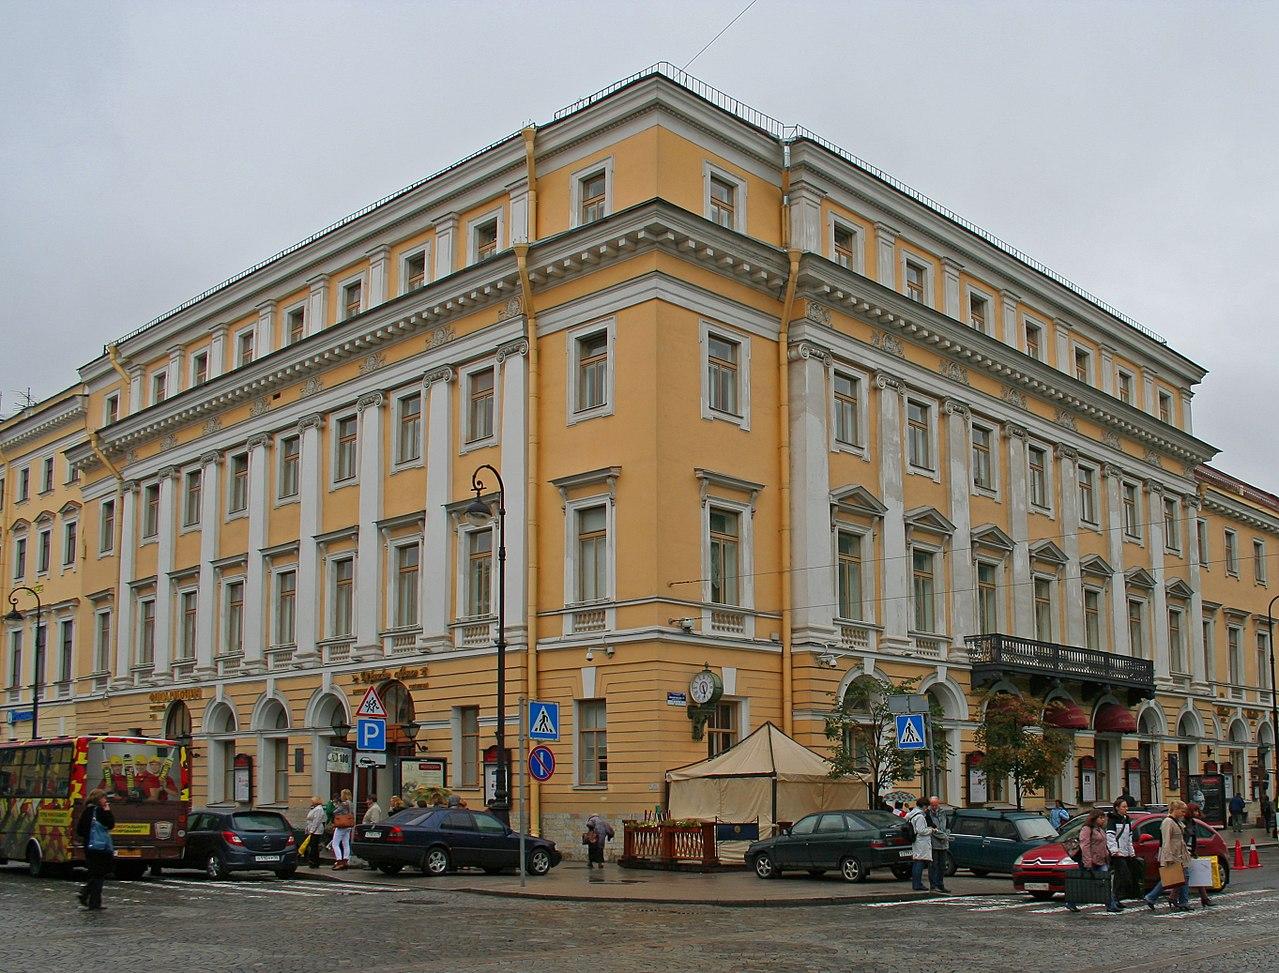 Дворянское собрание — Филармония имени Д. Д. Шостаковича. Фото: Florstein (Wikimedia Commons)